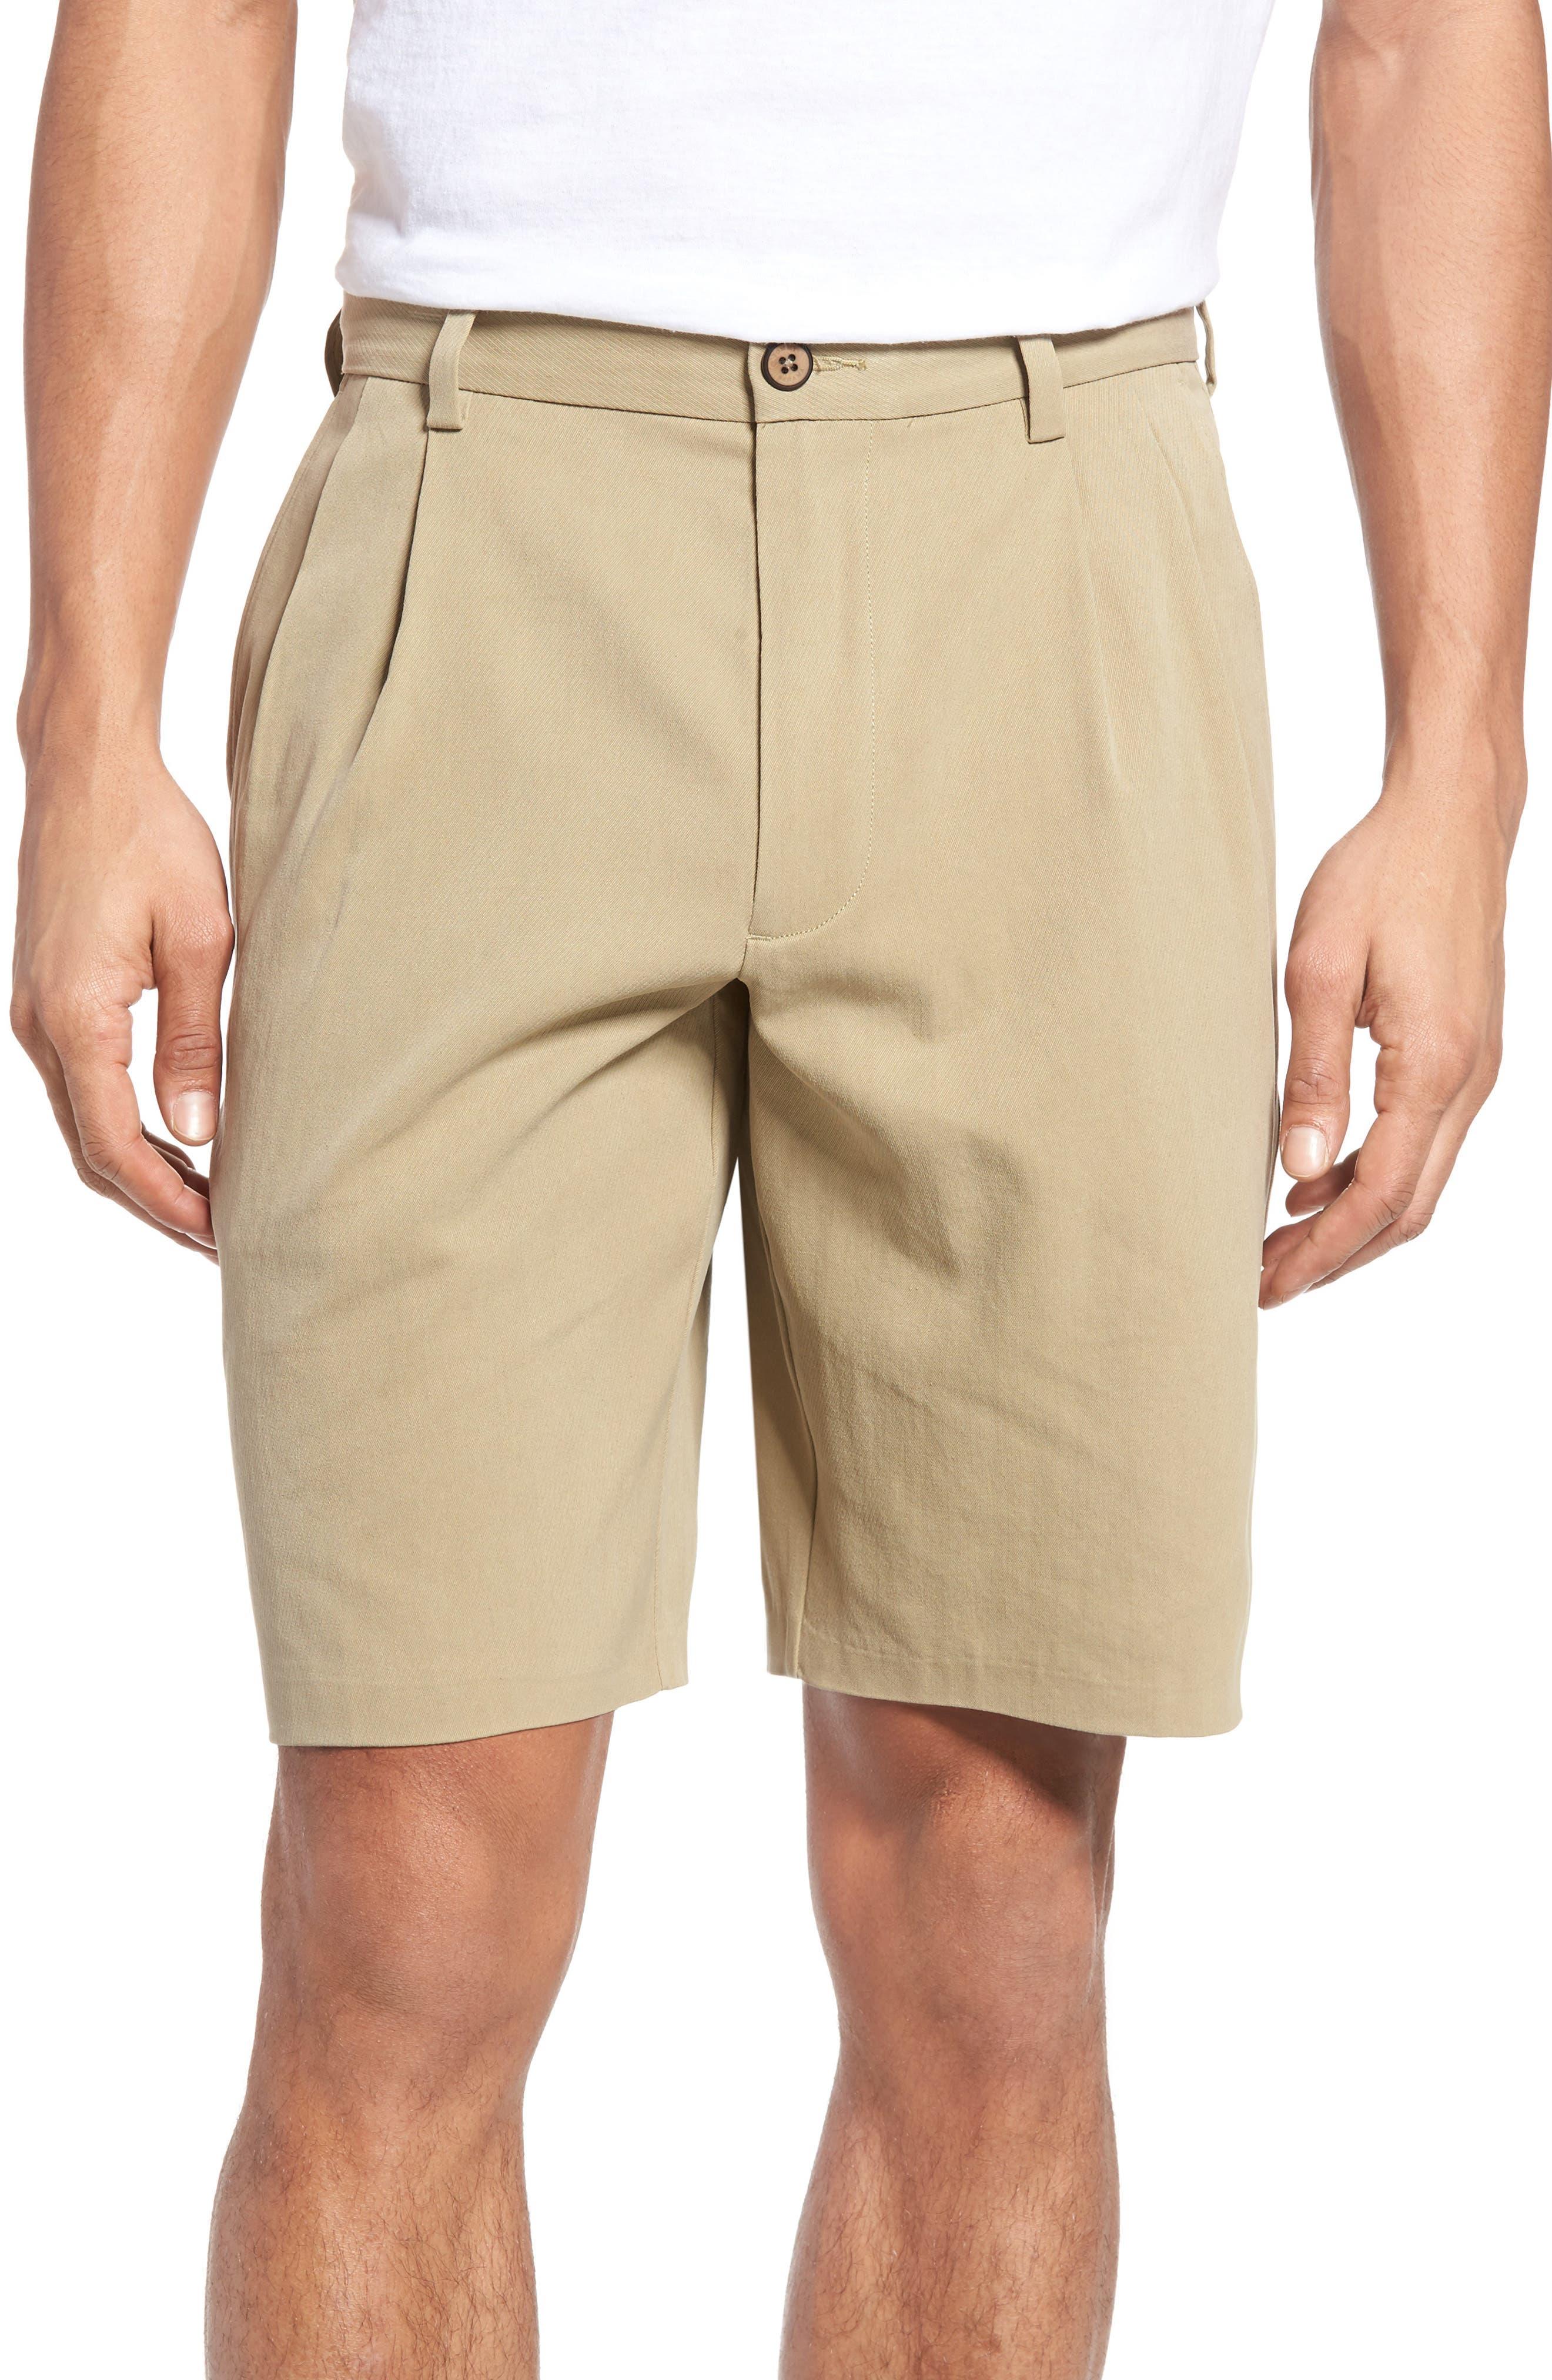 Alternate Image 1 Selected - Tommy Bahama St. Thomas Pleated Shorts